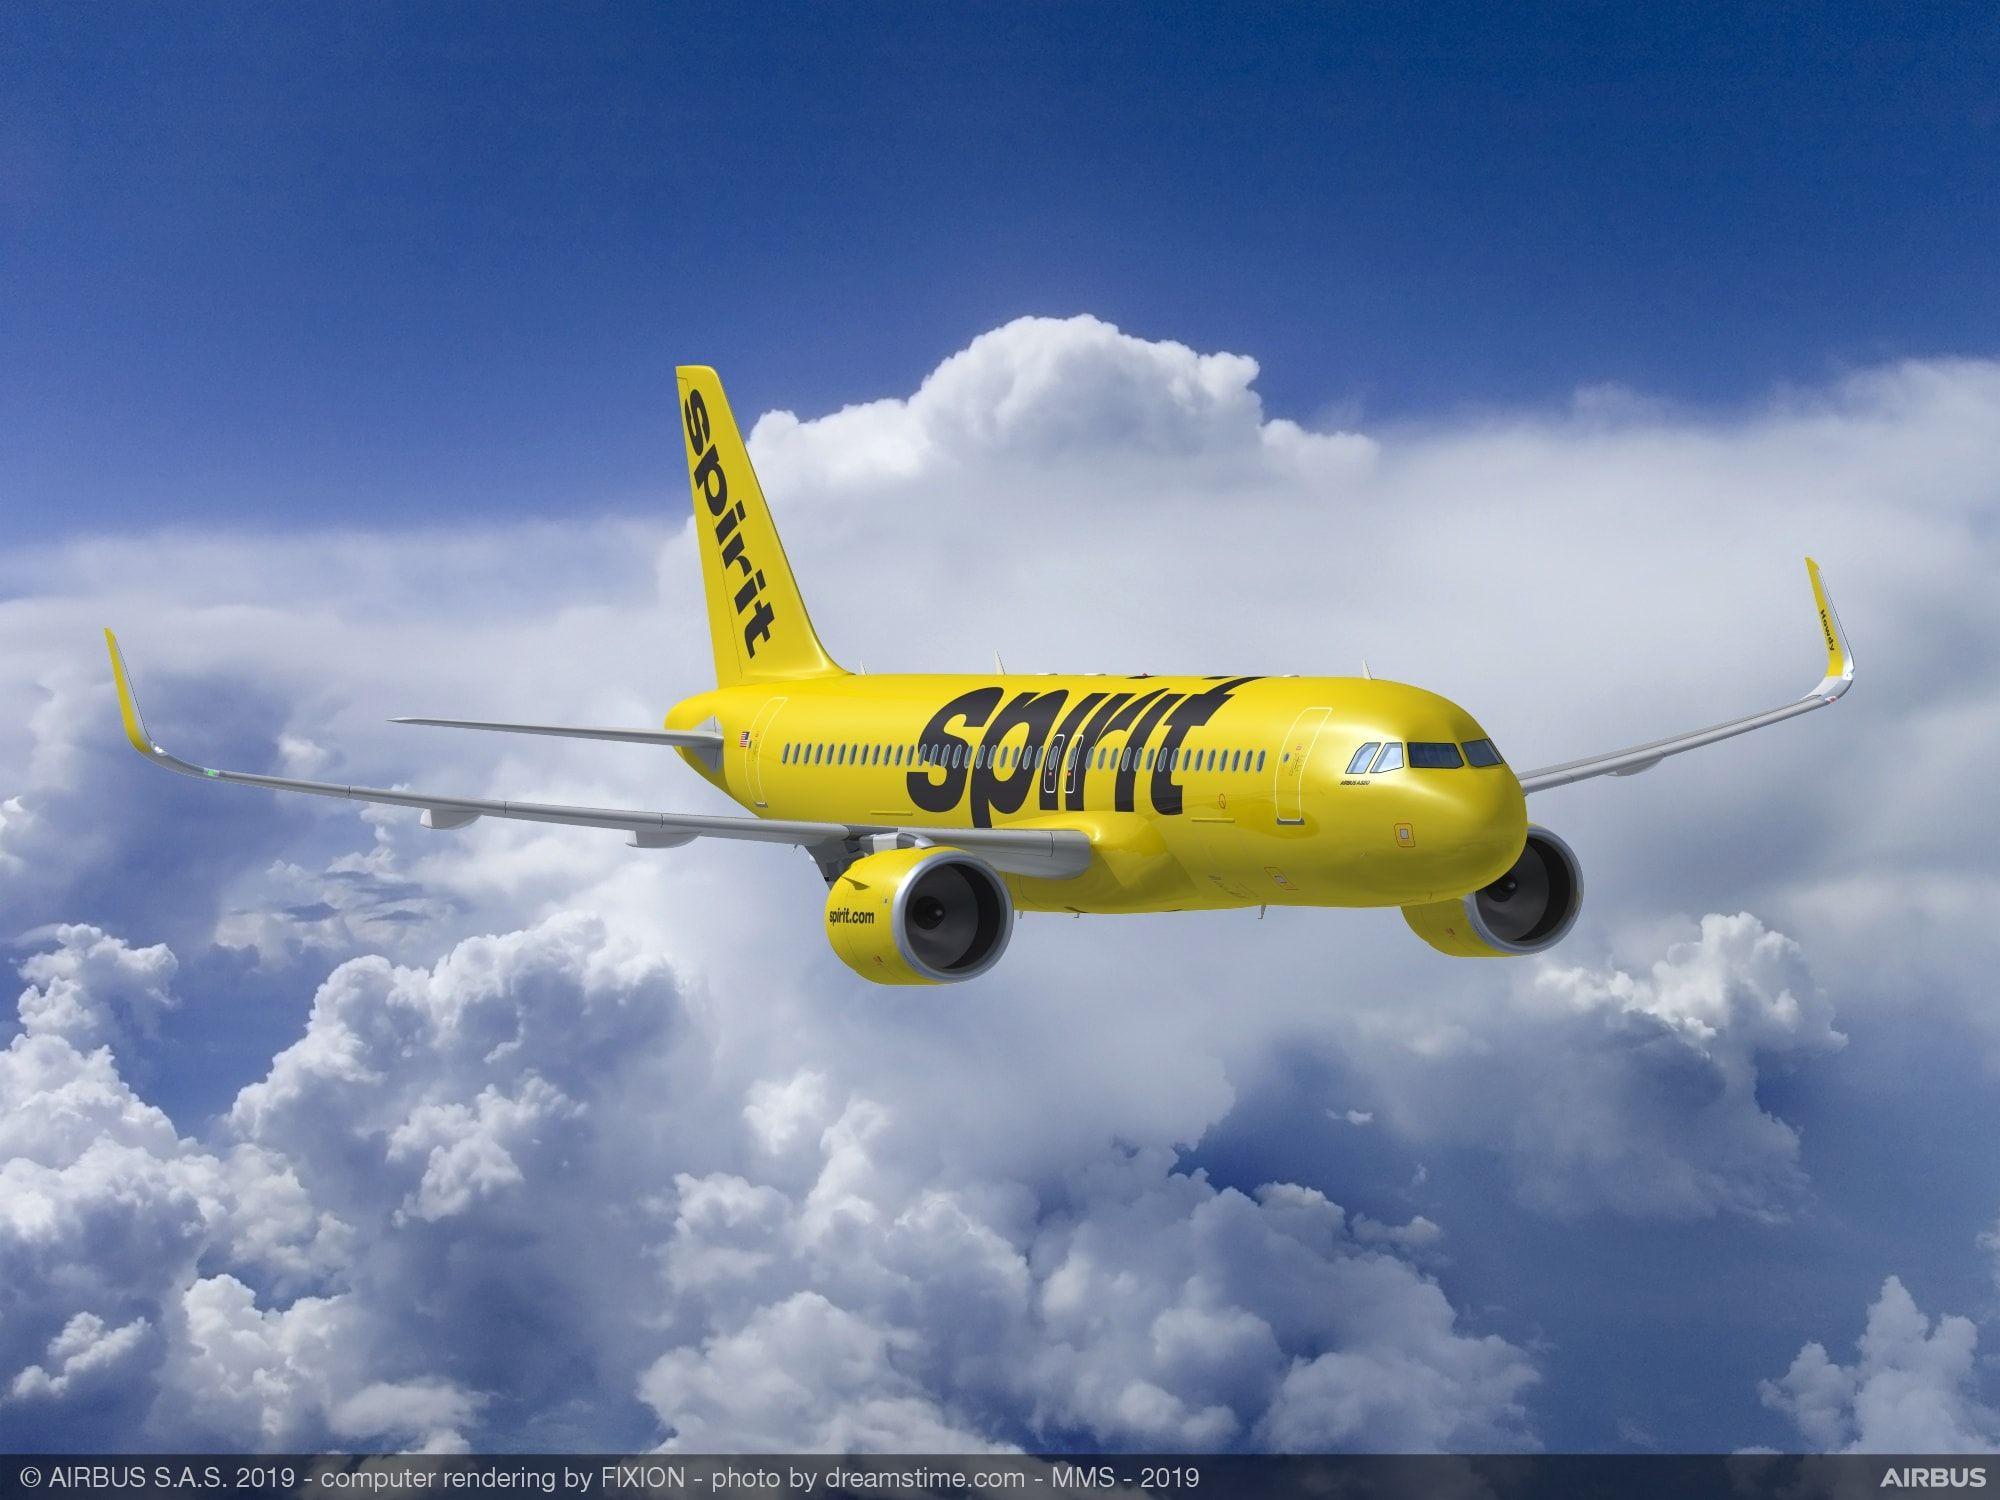 精神航空订购100架空客A320neo系列飞机